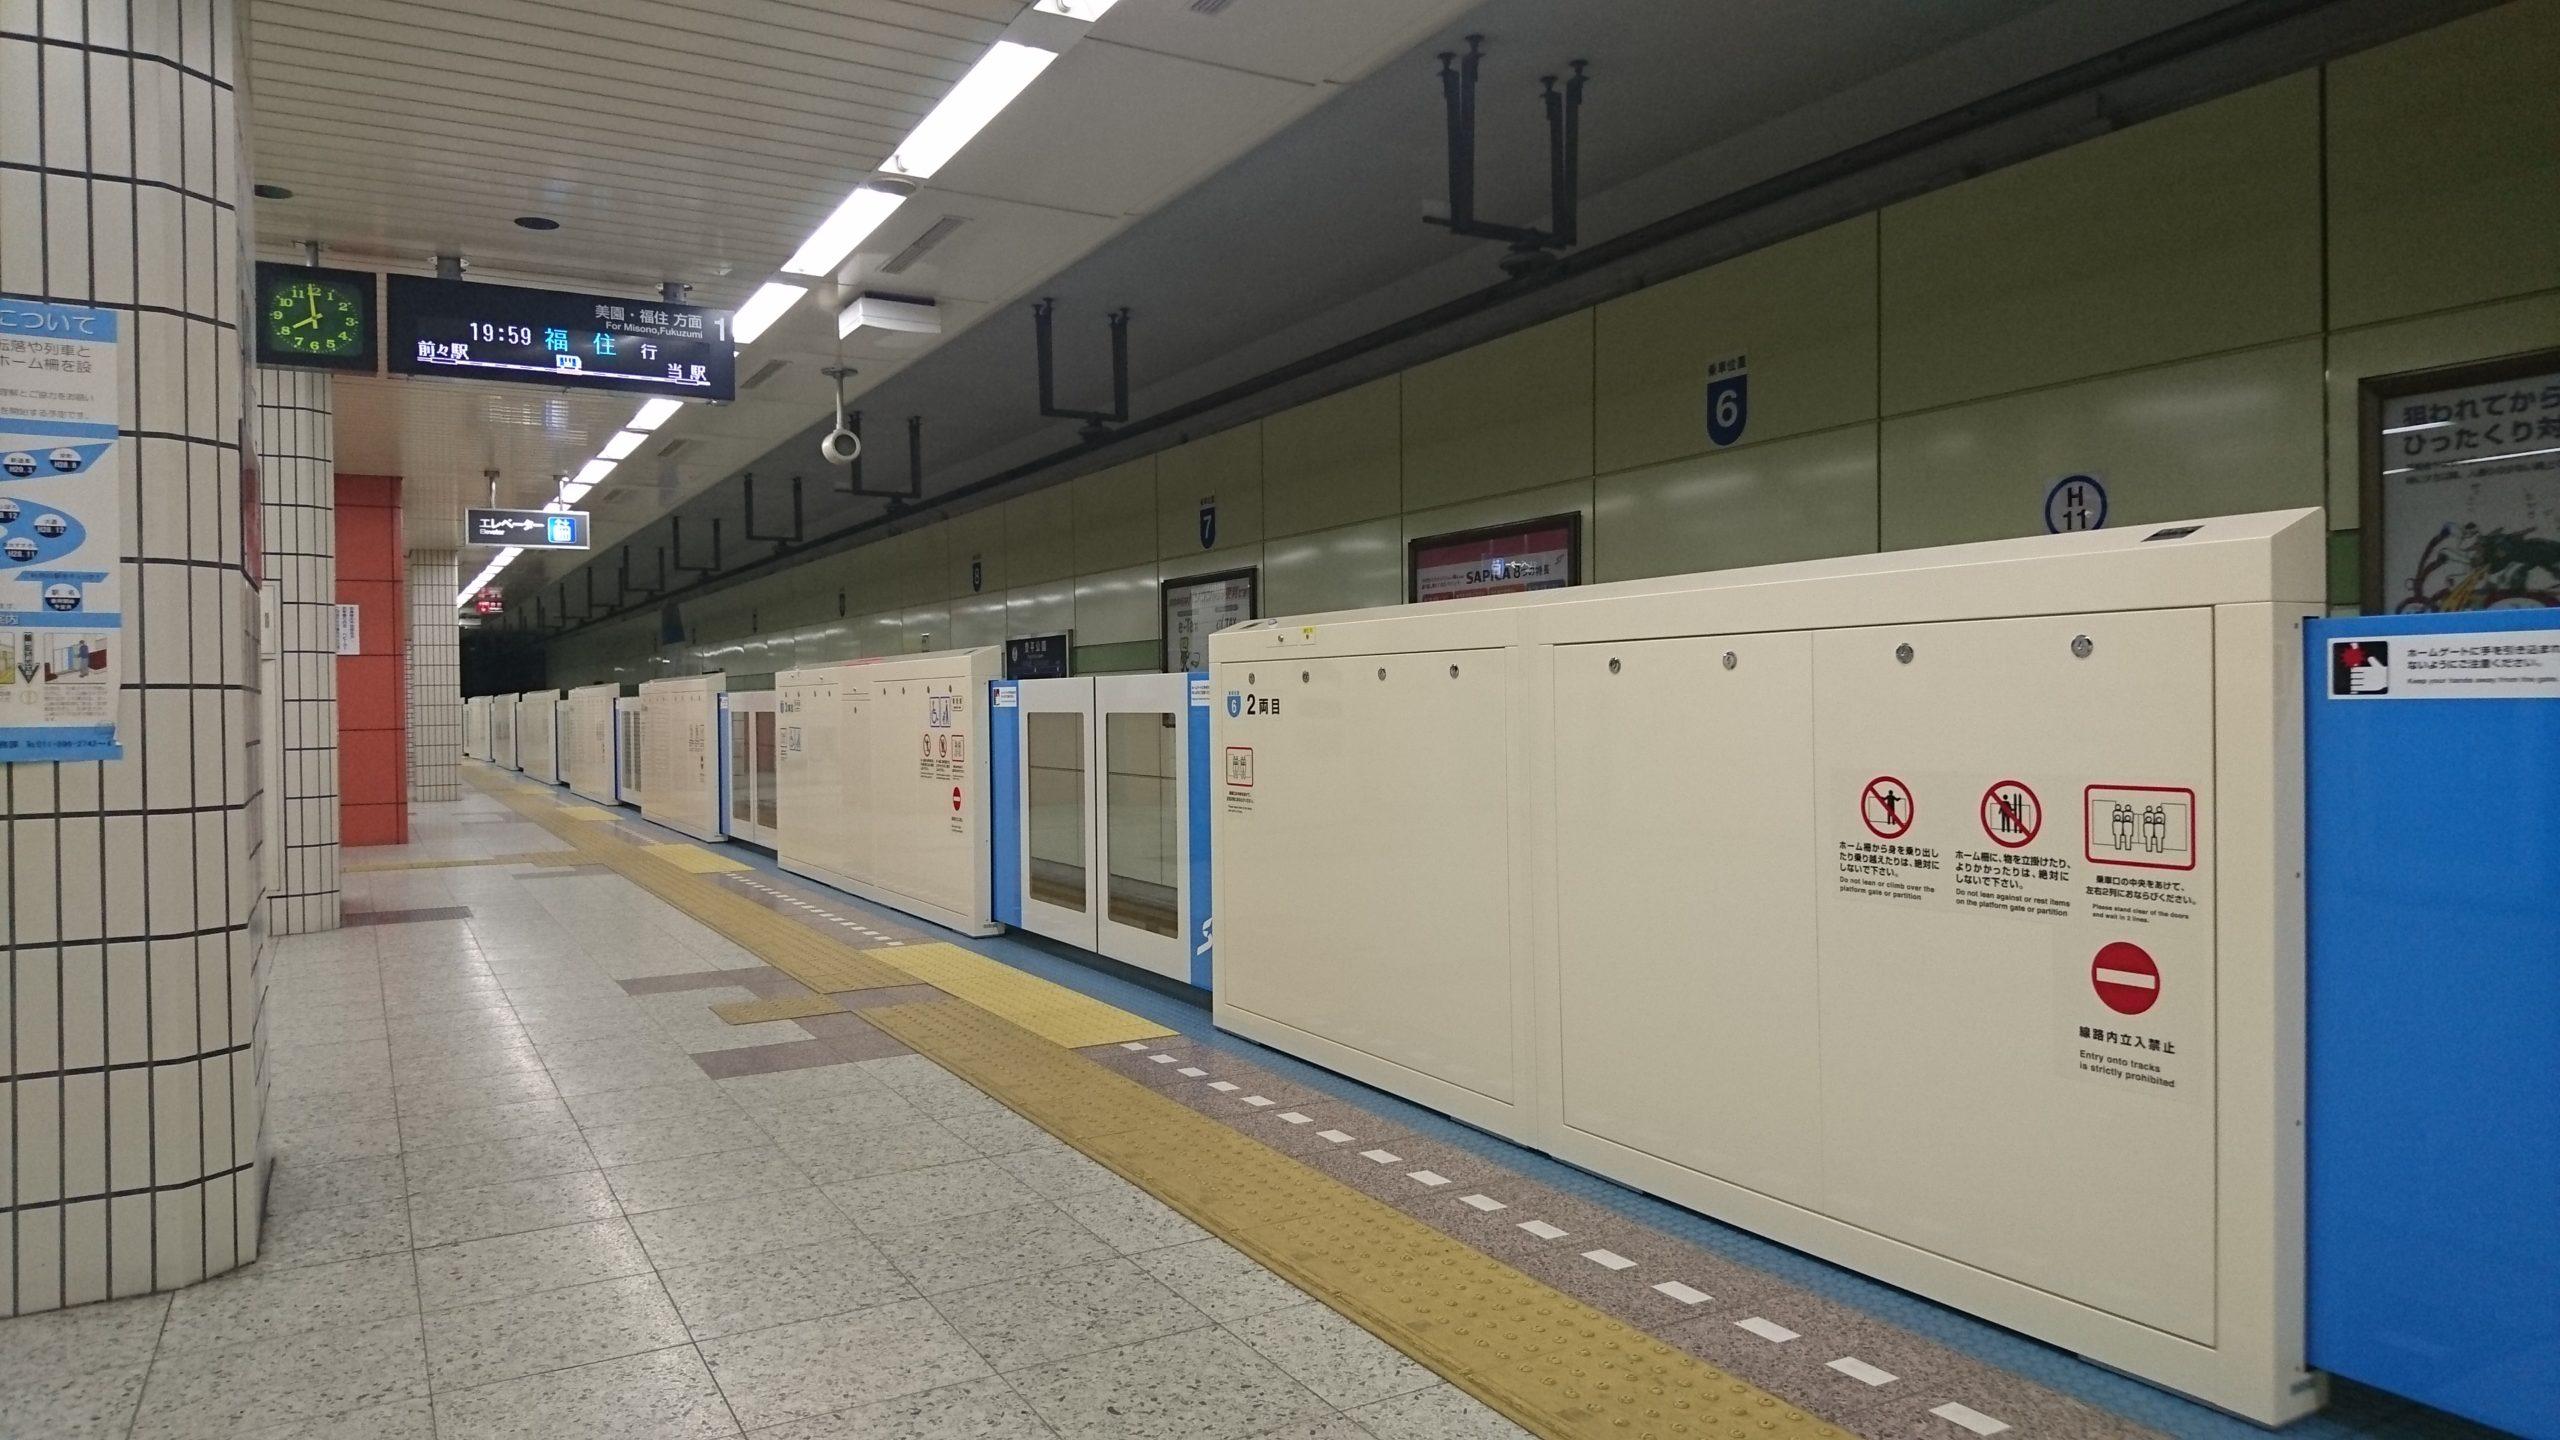 札幌市営地下鉄駅のGoogleストリートビュー一覧